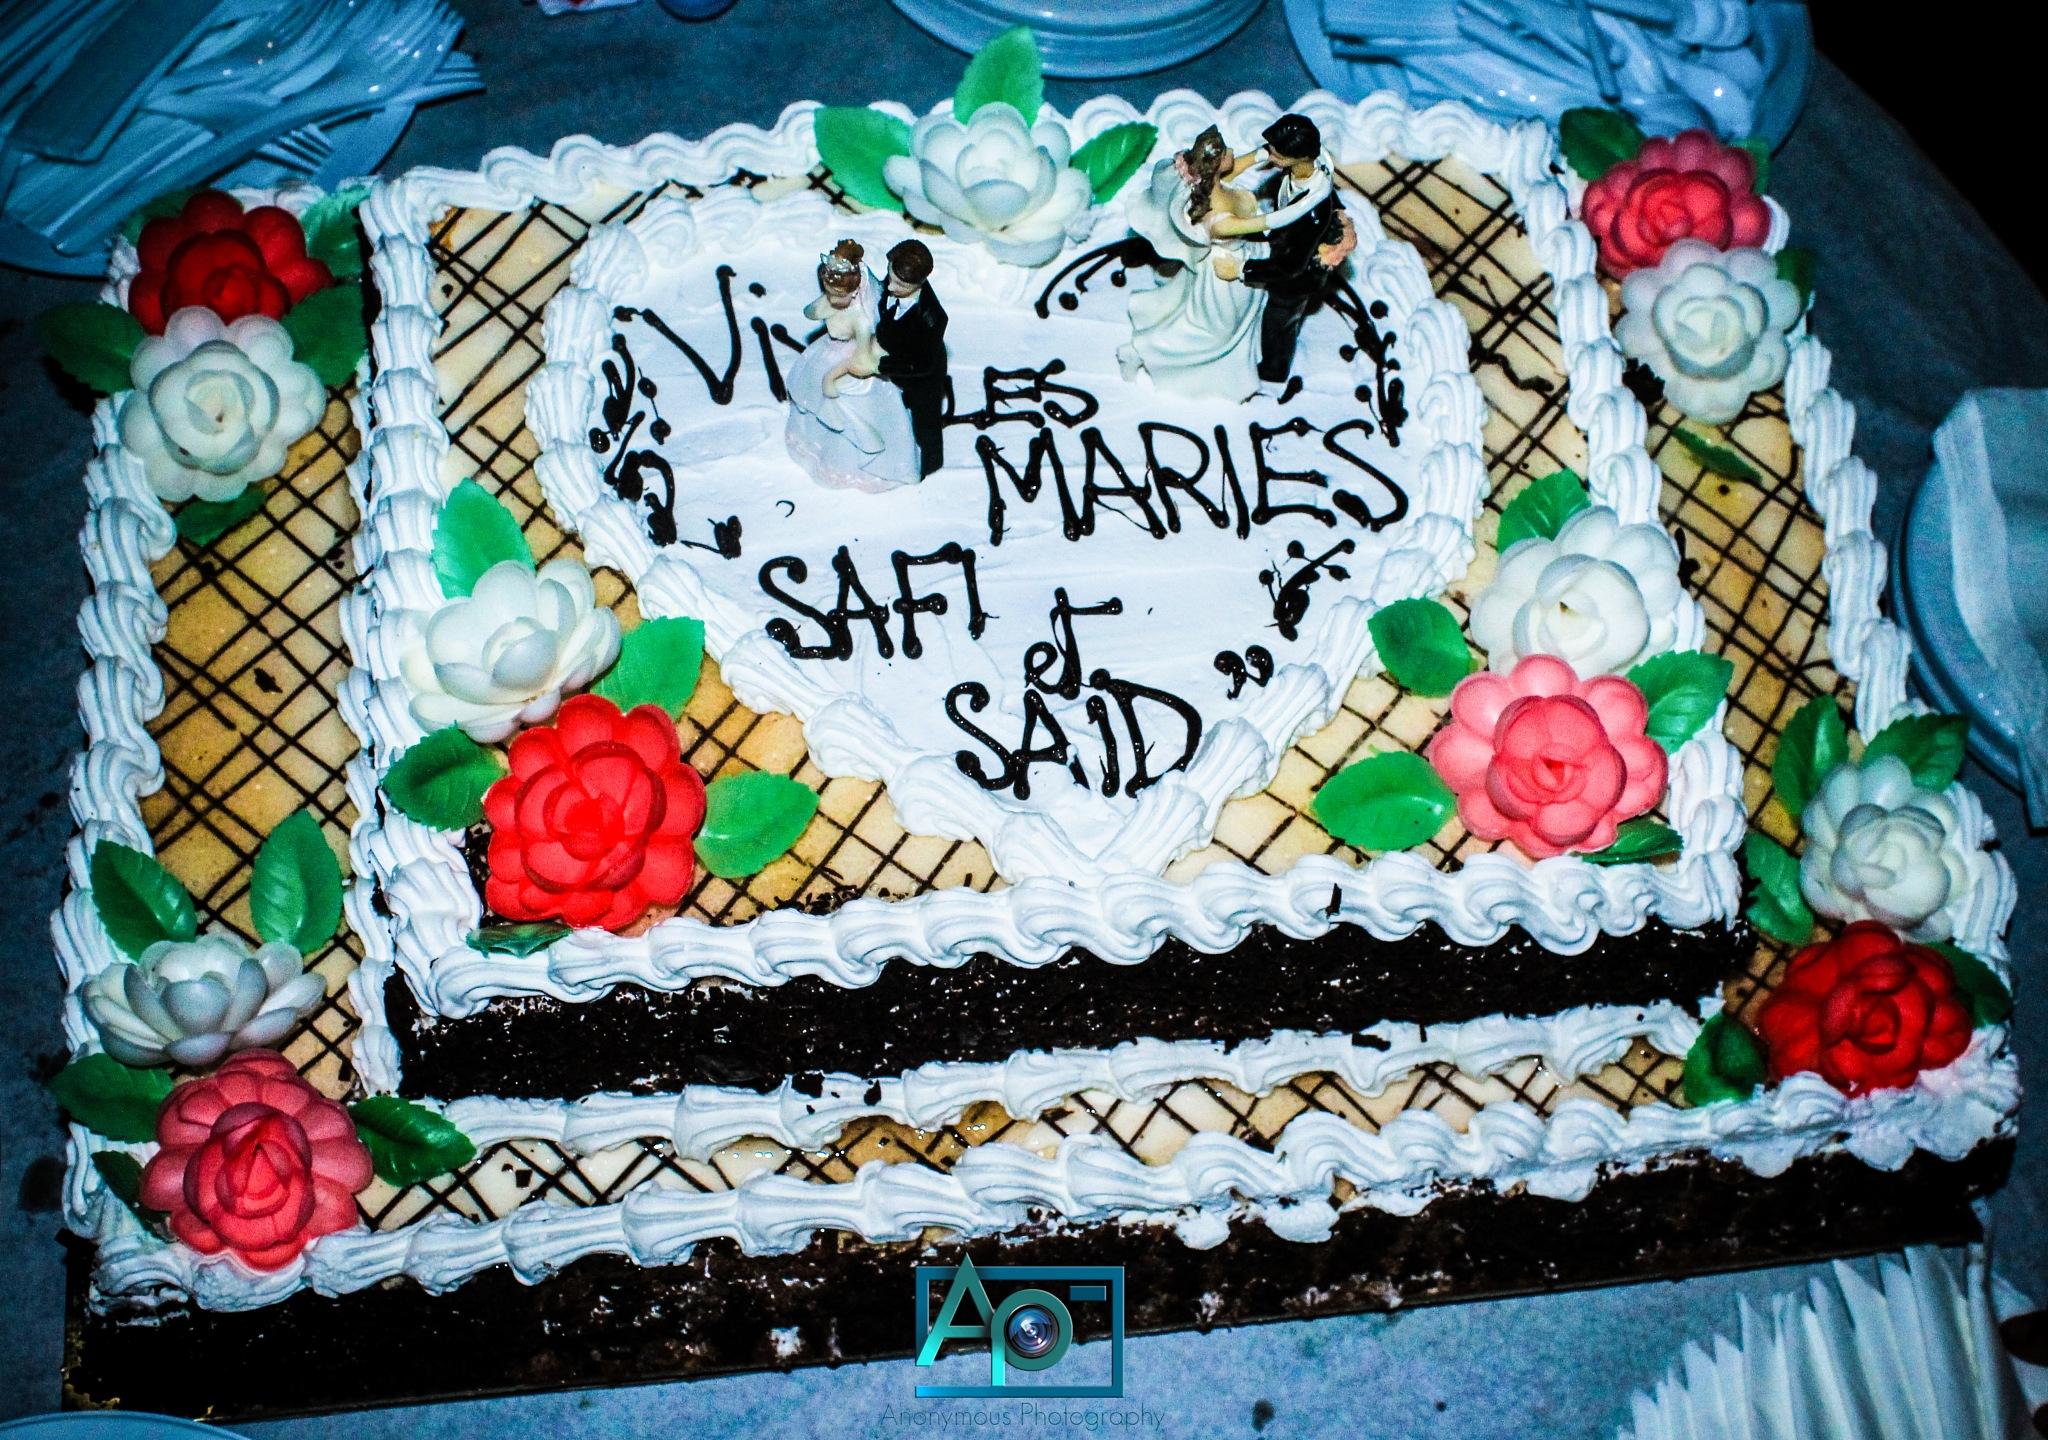 Gâteaux de Mariage by Abdol976